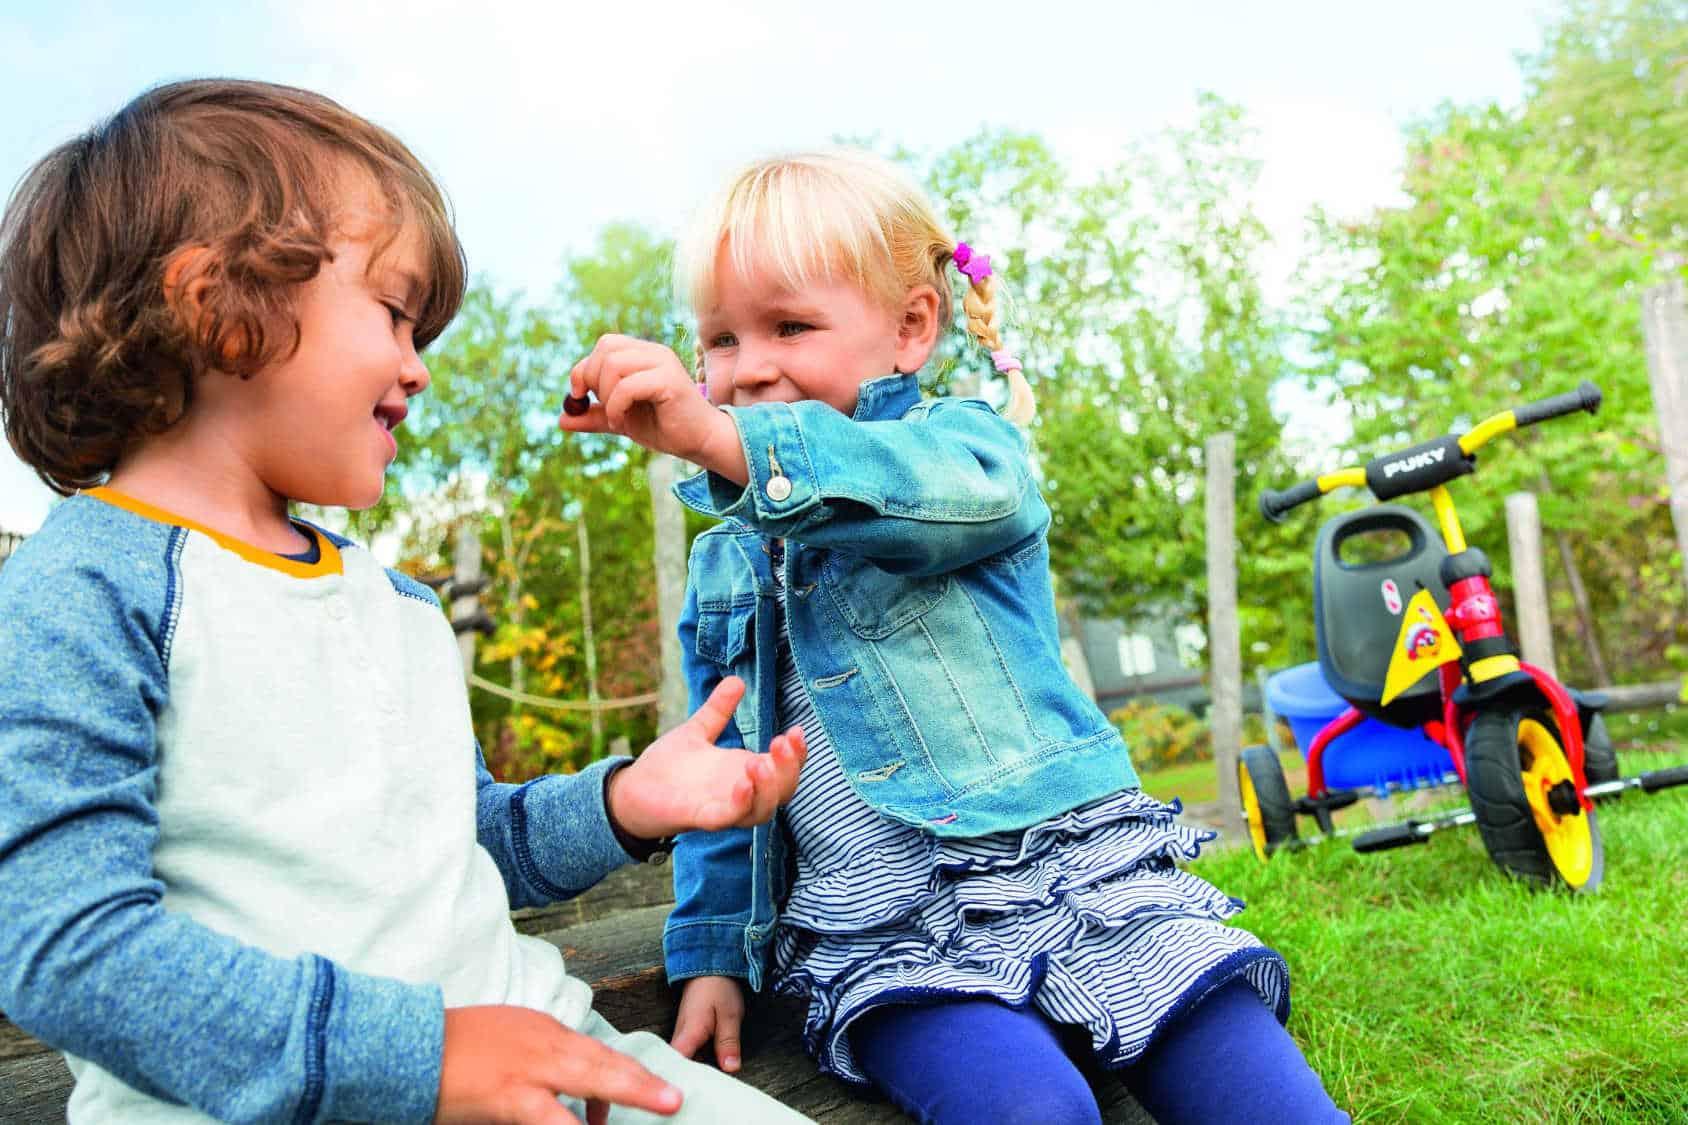 Chłopczyk i dziewczynka bawią się obok rowerku.